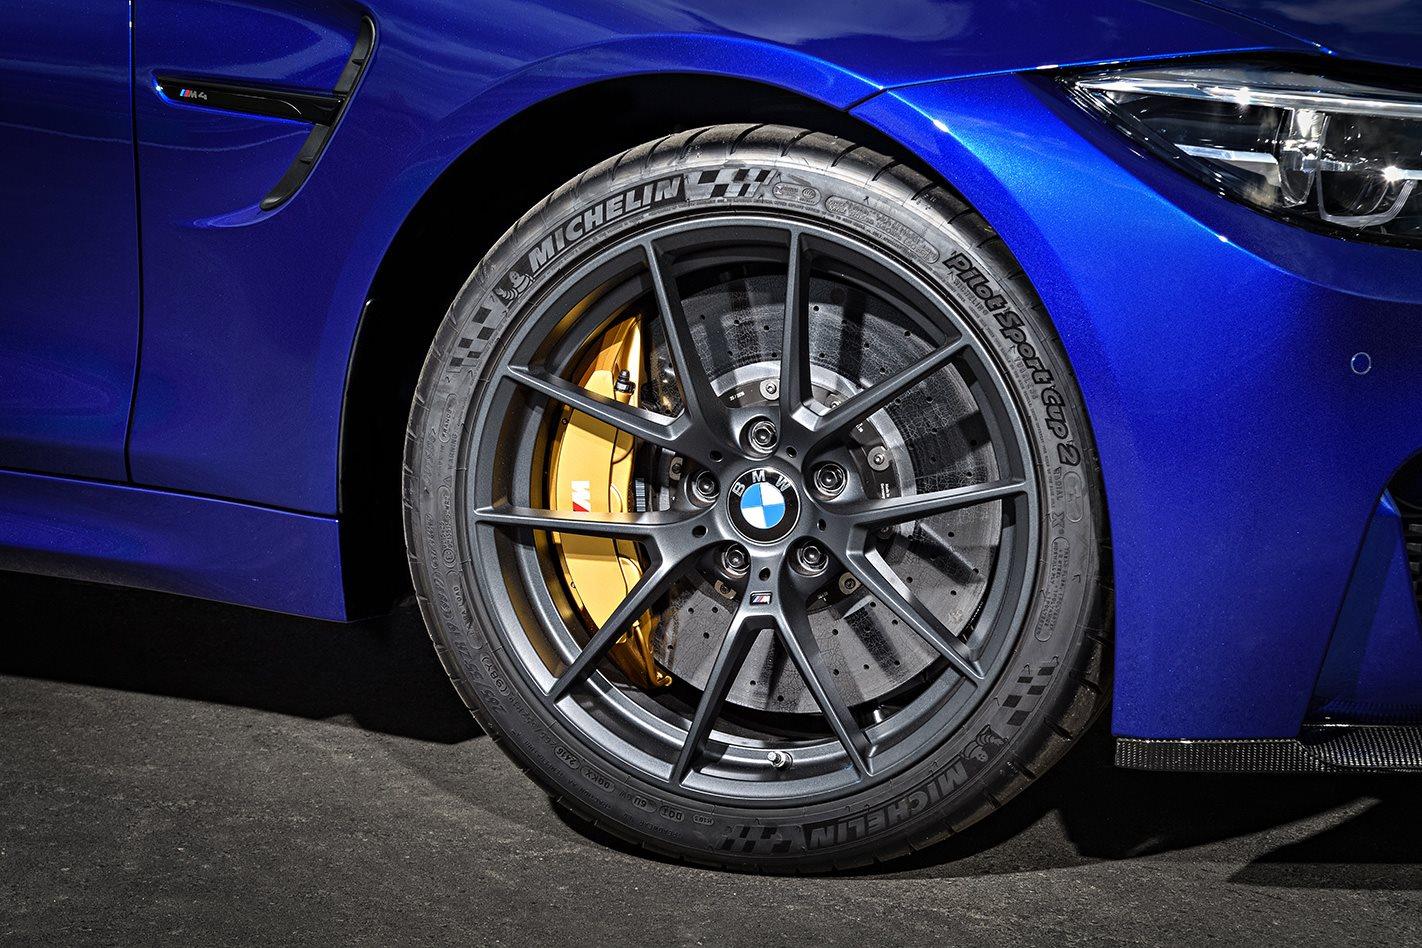 2018 BMW M4 CS wheel